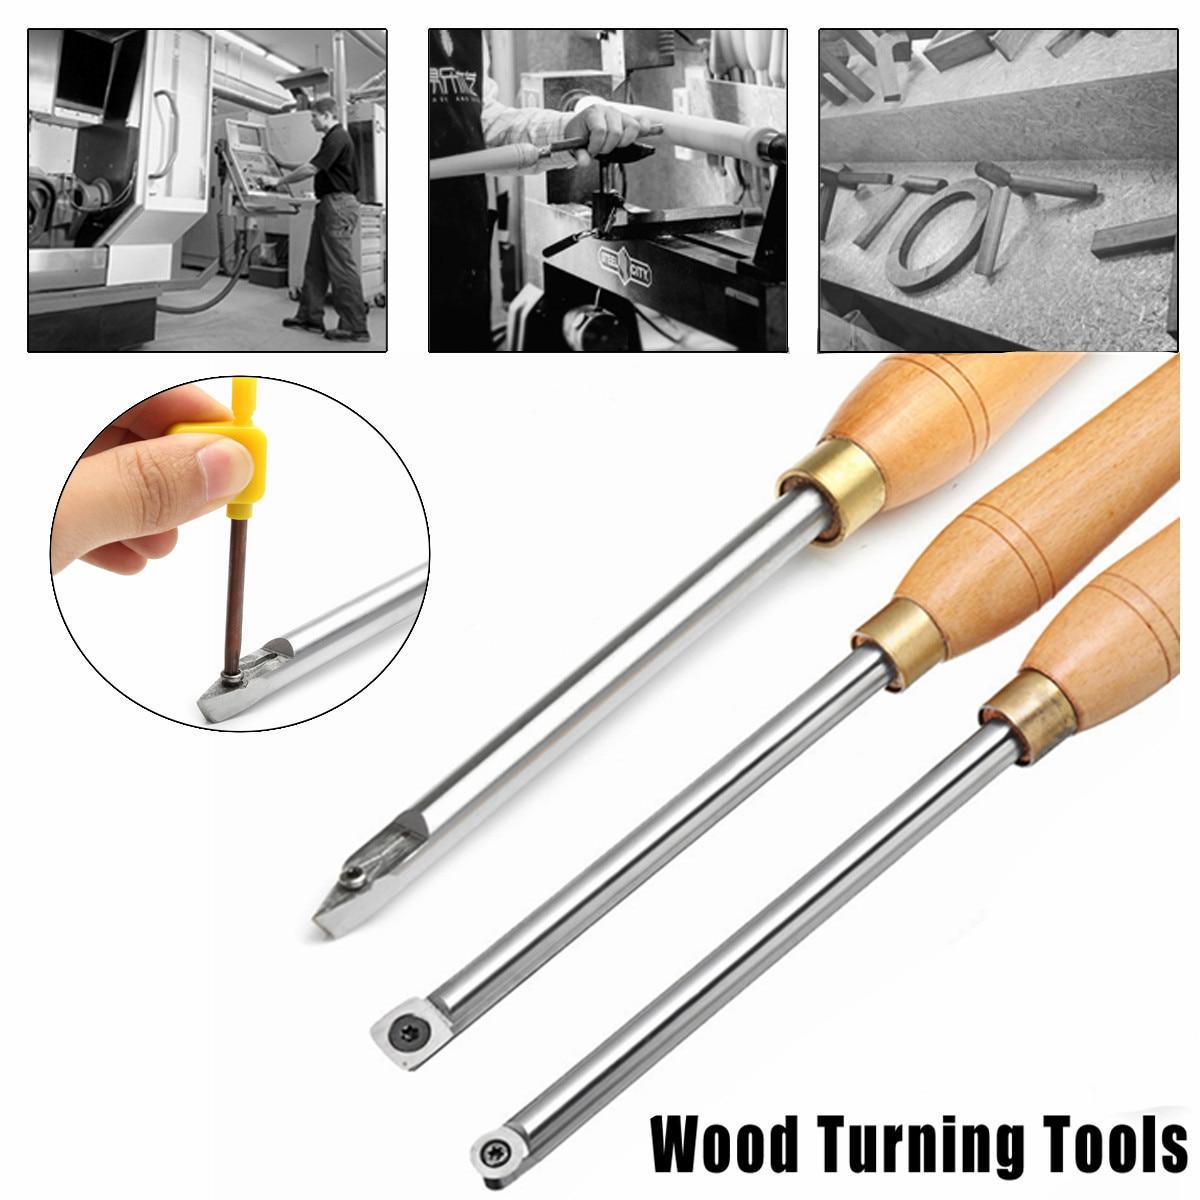 Diamant Runde Oder Platz Hartmetall Holz Drehen Werkzeuge Mit Einsatz Gerade Set Holzbearbeitung Werkzeug